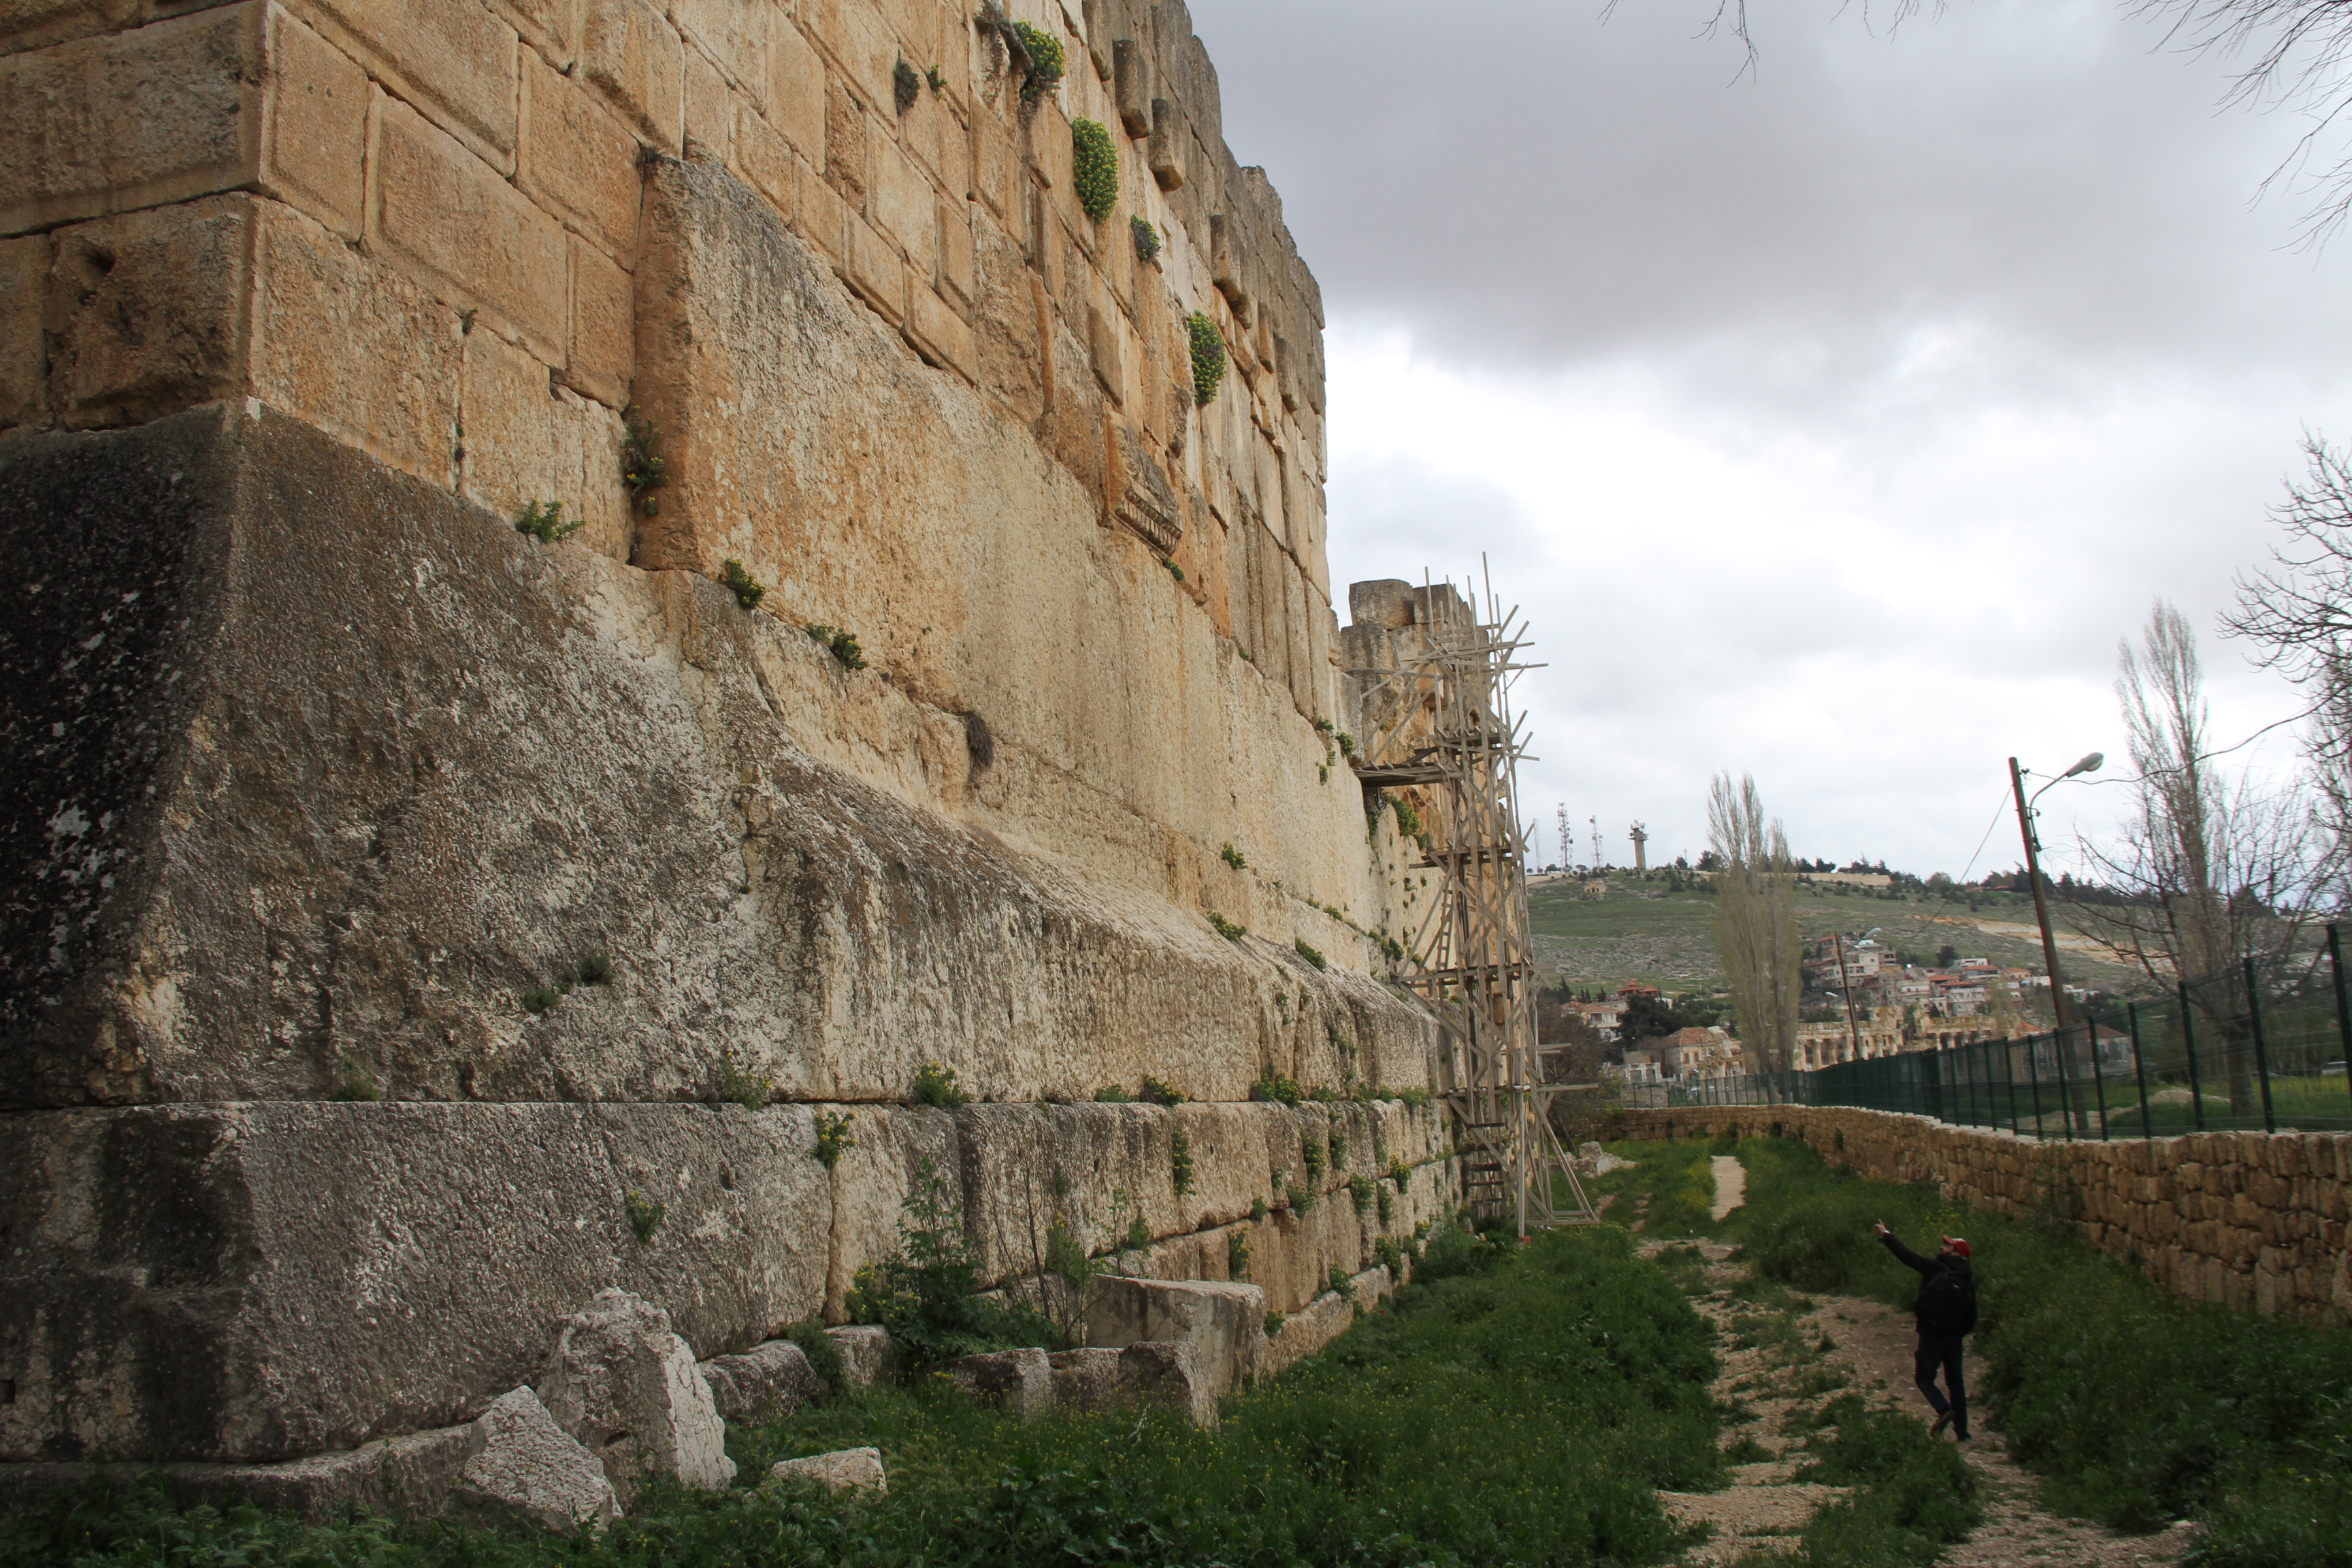 Трилитон вБаальбеке— 3 огромных известняковых блока вподпорной стене